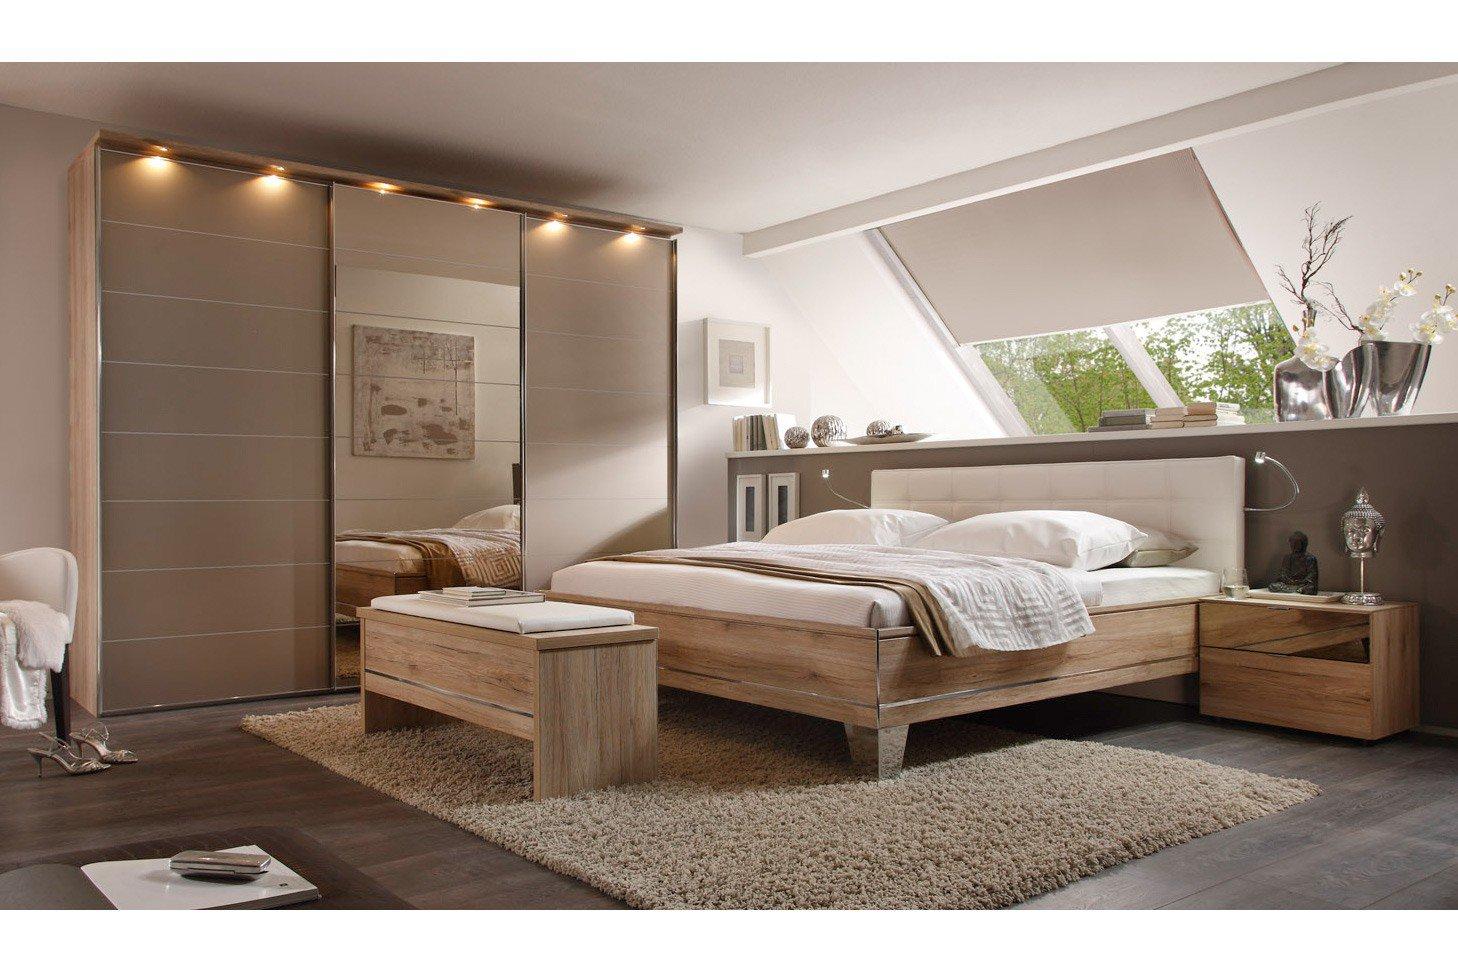 Full Size of Schlafzimmer Set Anna Rauch 4 Tlg Online Lounge Garten Landhausstil Deckenleuchten Wandtattoo Deckenlampe Nolte Sessel Kommoden Massivholz Komplett Günstig Schlafzimmer Schlafzimmer Set